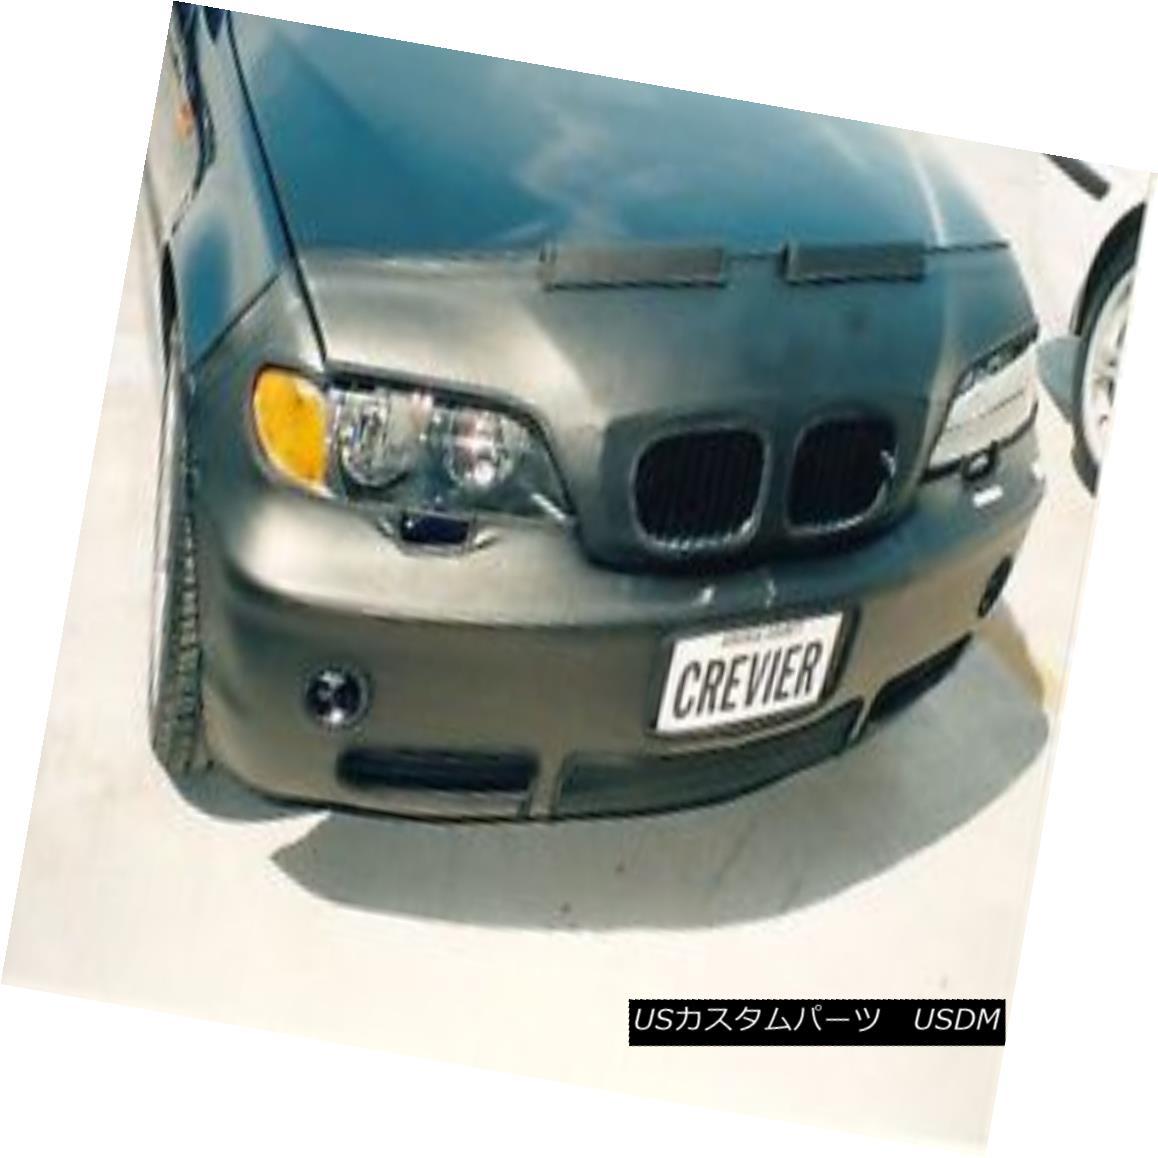 フルブラ ノーズブラ Colgan Front End Mask Bra 2pc.Fits BMW 325i 325xi sedan ,Sport Wagon 02-05 w/TAG コルガンフロントエンドマスクブラ2pc.フィットBMW 325i 325xiセダン、スポーツワゴン02-05 w / TAG